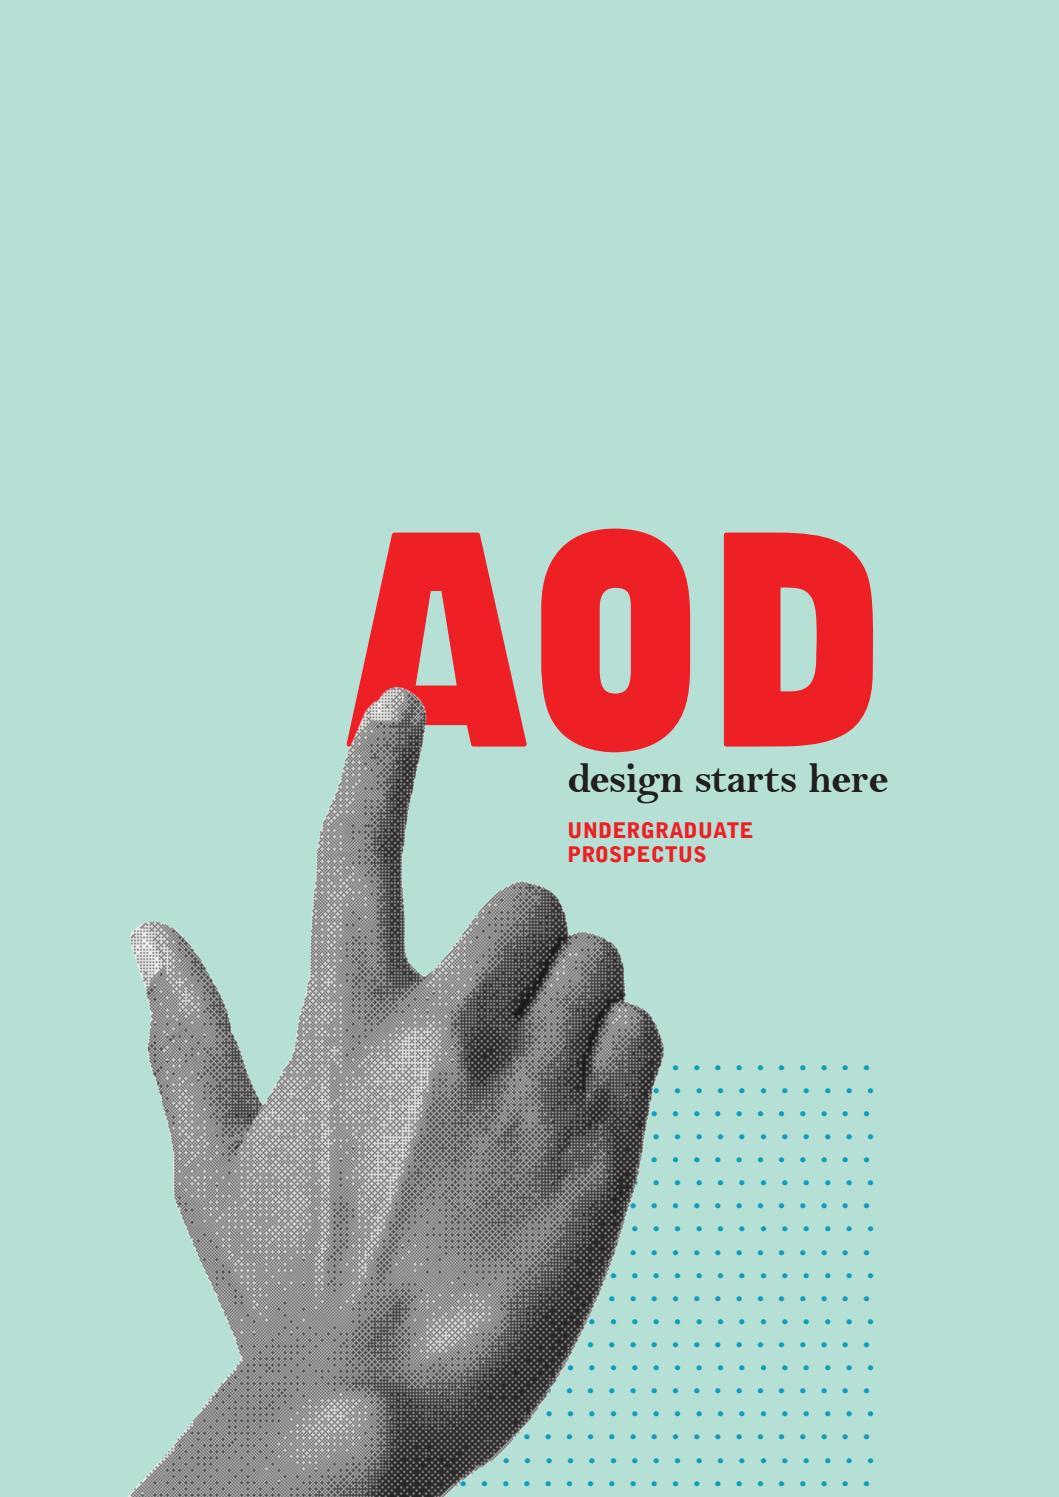 Aod School Prospectus 2016 By Pushpi Bagchi Issuu